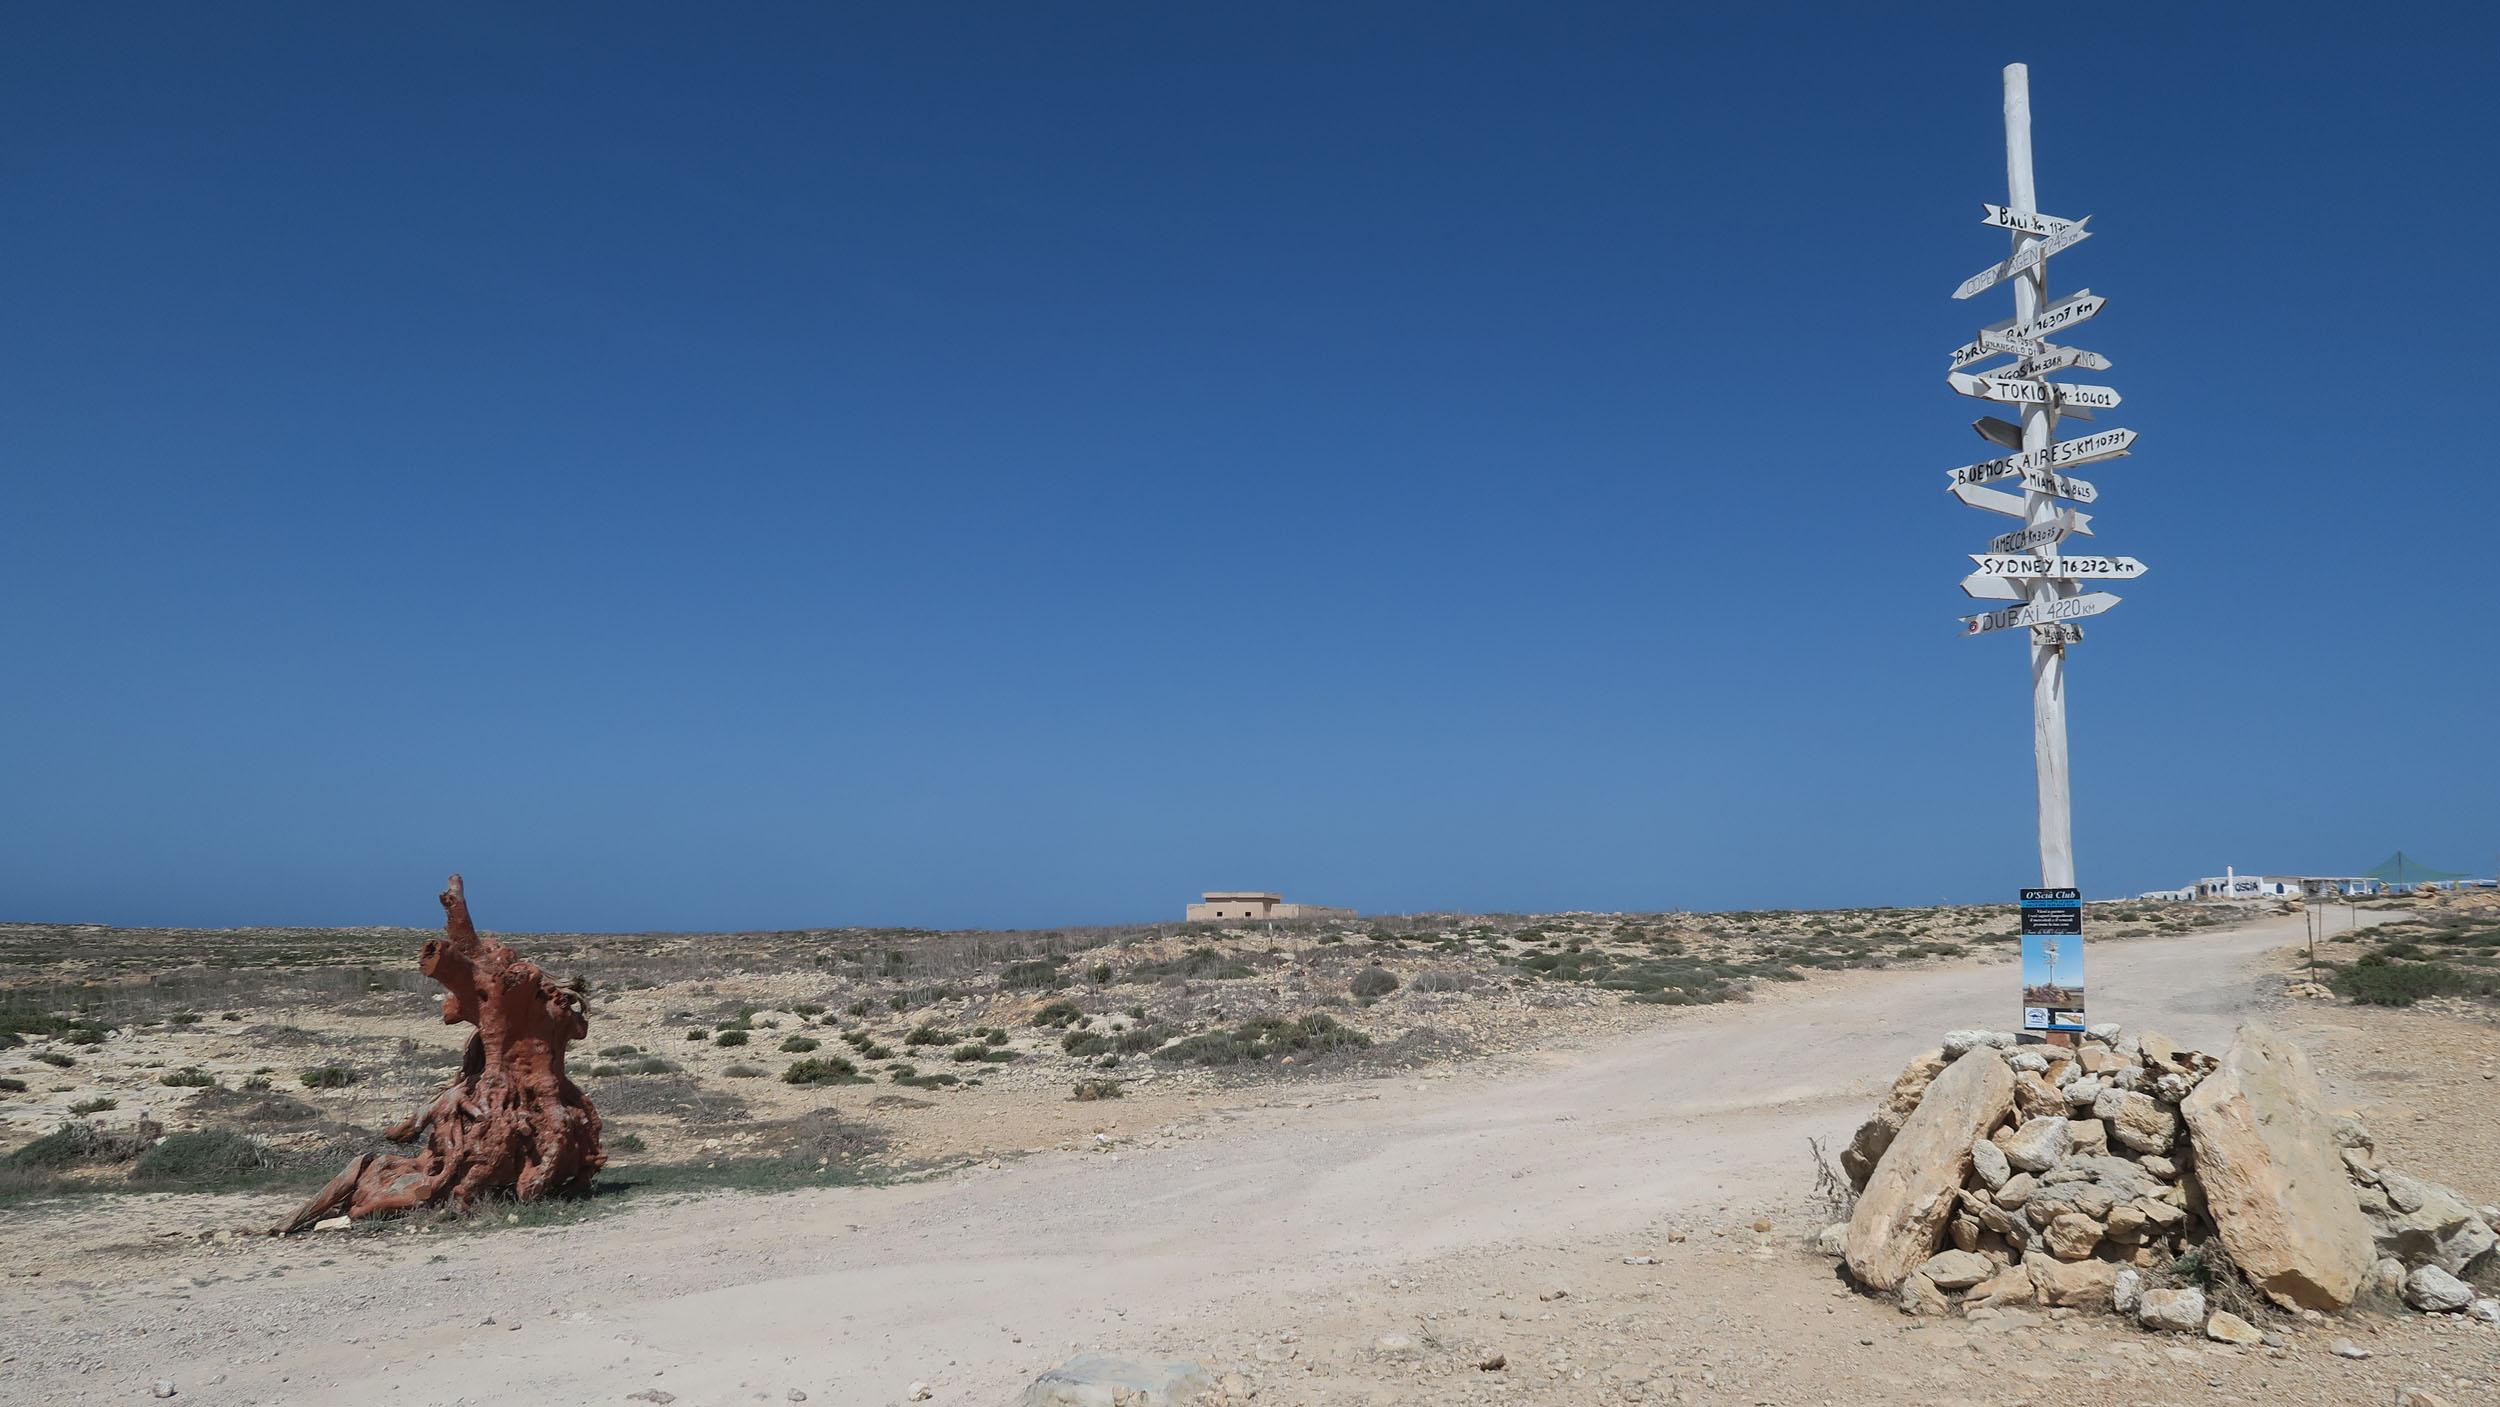 GGD_Lampedusa_IMG_3085.jpg